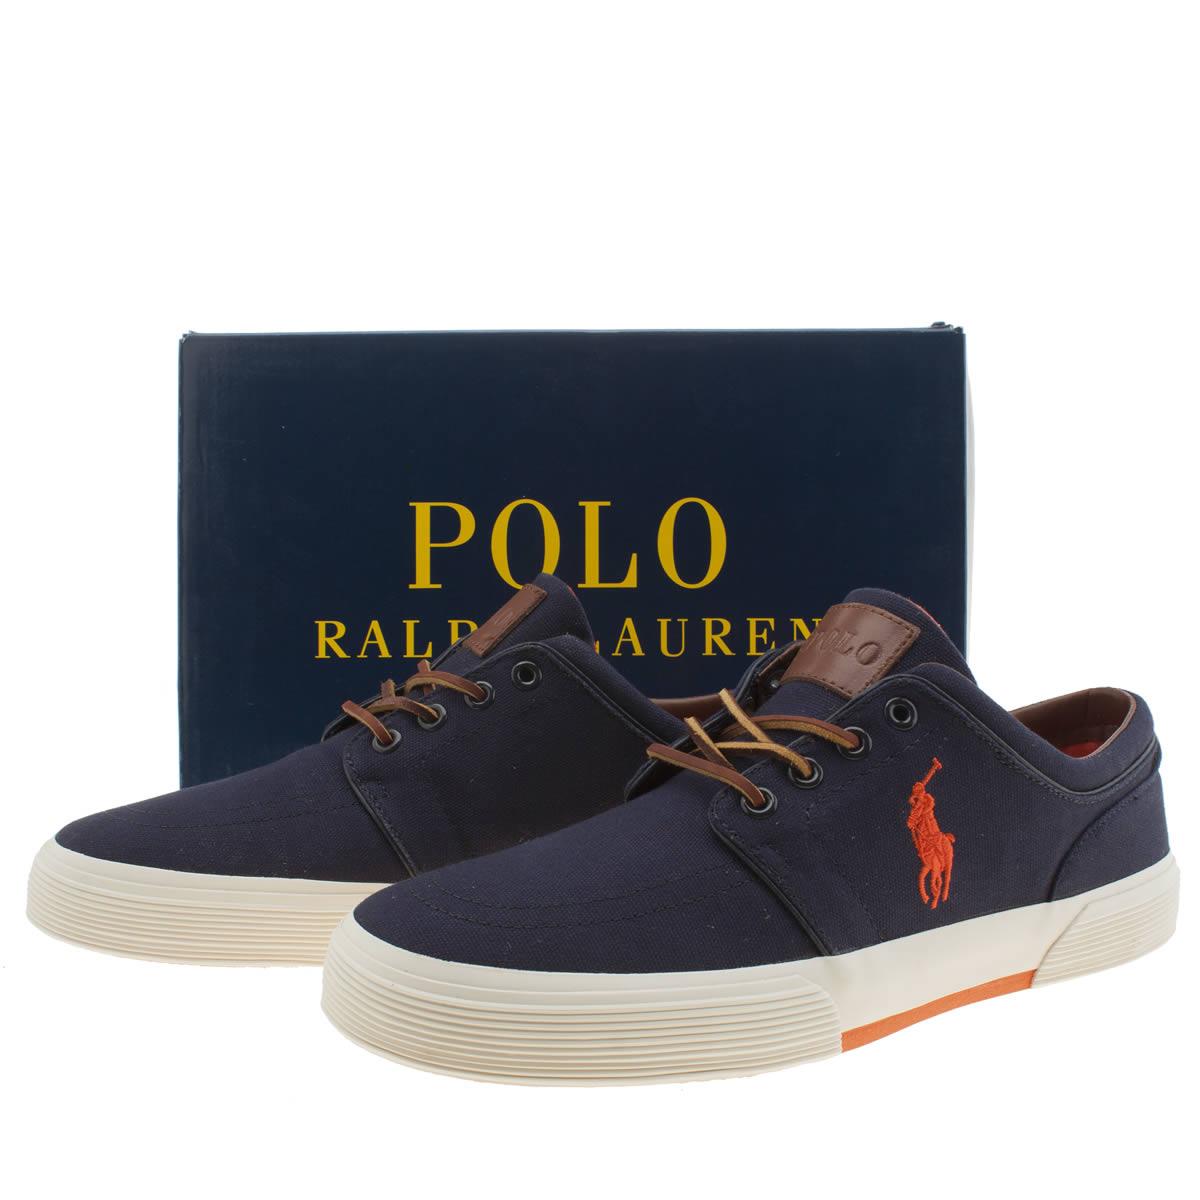 Polo Ralph Lauren Navy Faxon Shoes size 10 £29.99 @ Schuh